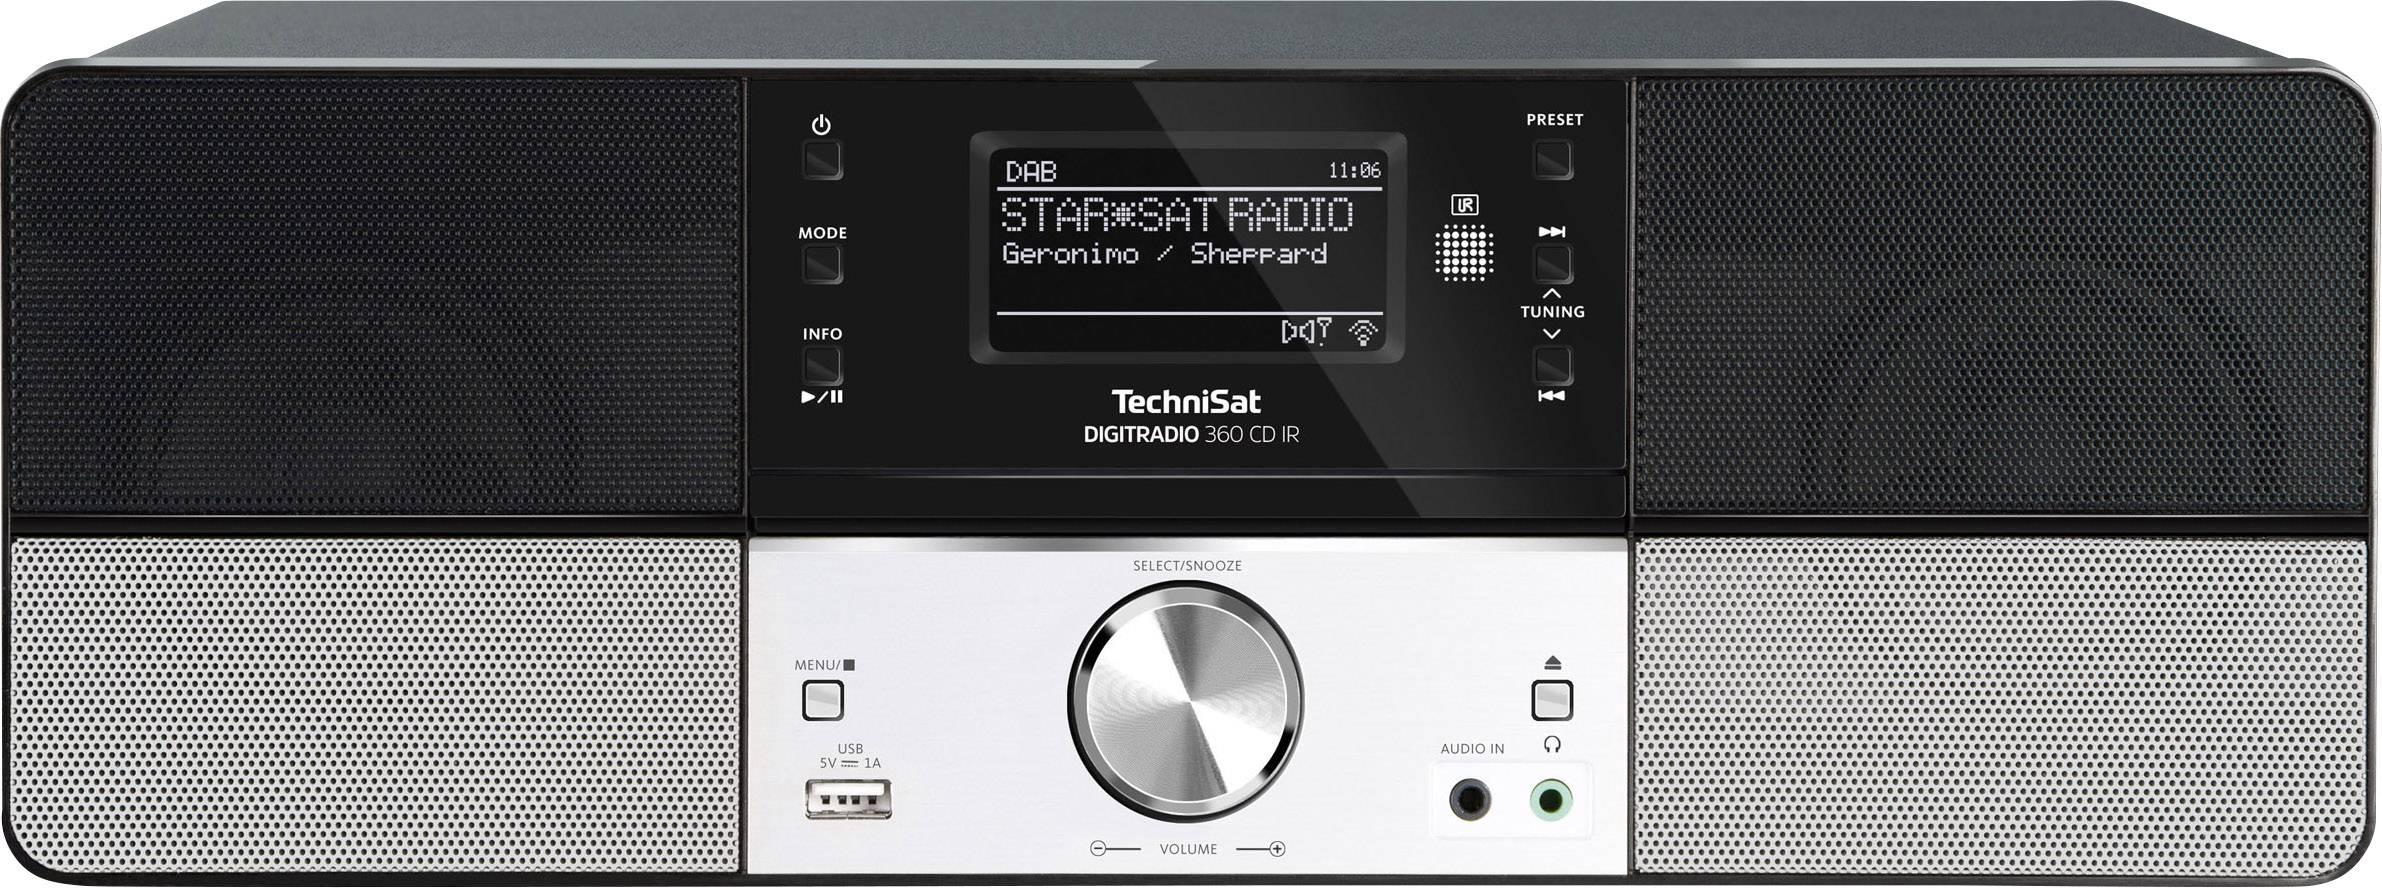 Internetové, DAB+, FM stolní rádio s CD TechniSat DIGITRADIO 360 CD IR, Wi-Fi, černá